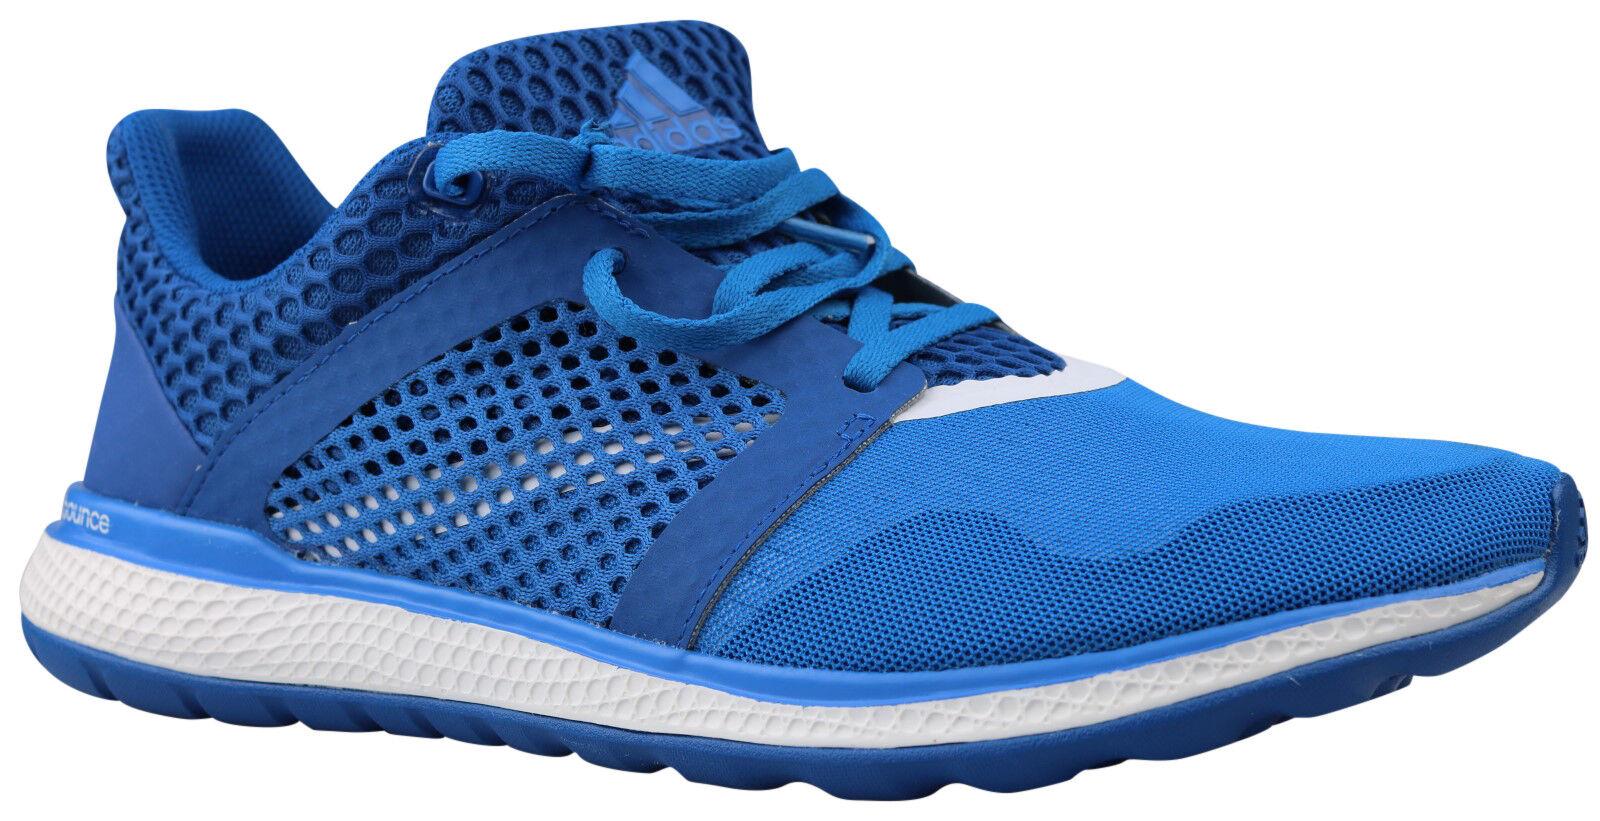 Adidas energy Bounce 2 caballeros zapatillas zapatos azul aq3153 talla 40 & 47 nuevo